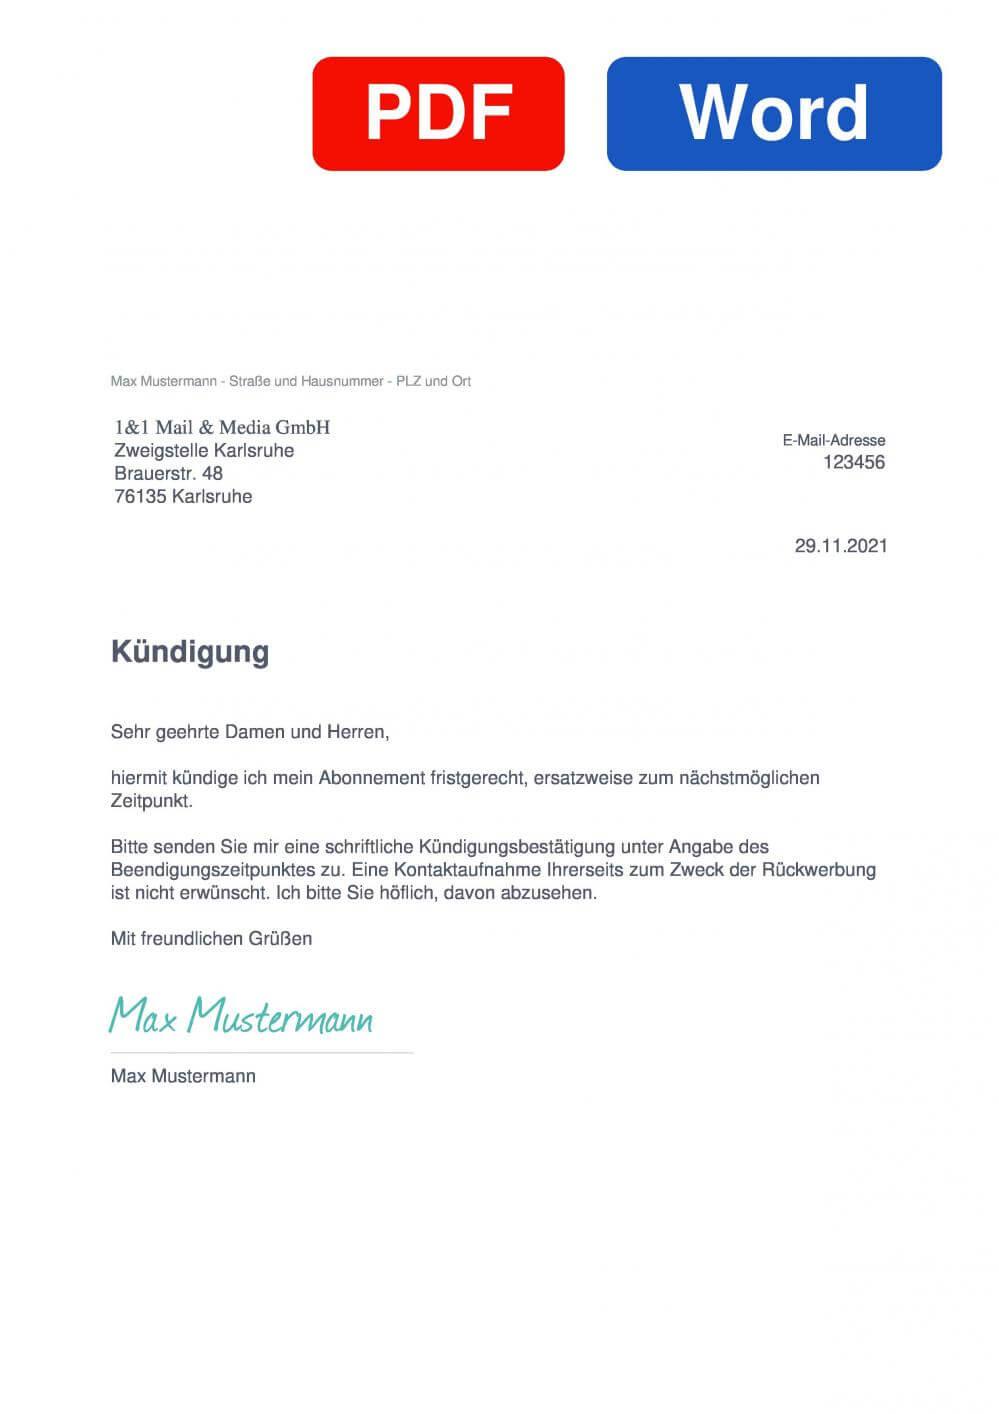 WEB.DE PC Sicherheit Muster Vorlage für Kündigungsschreiben